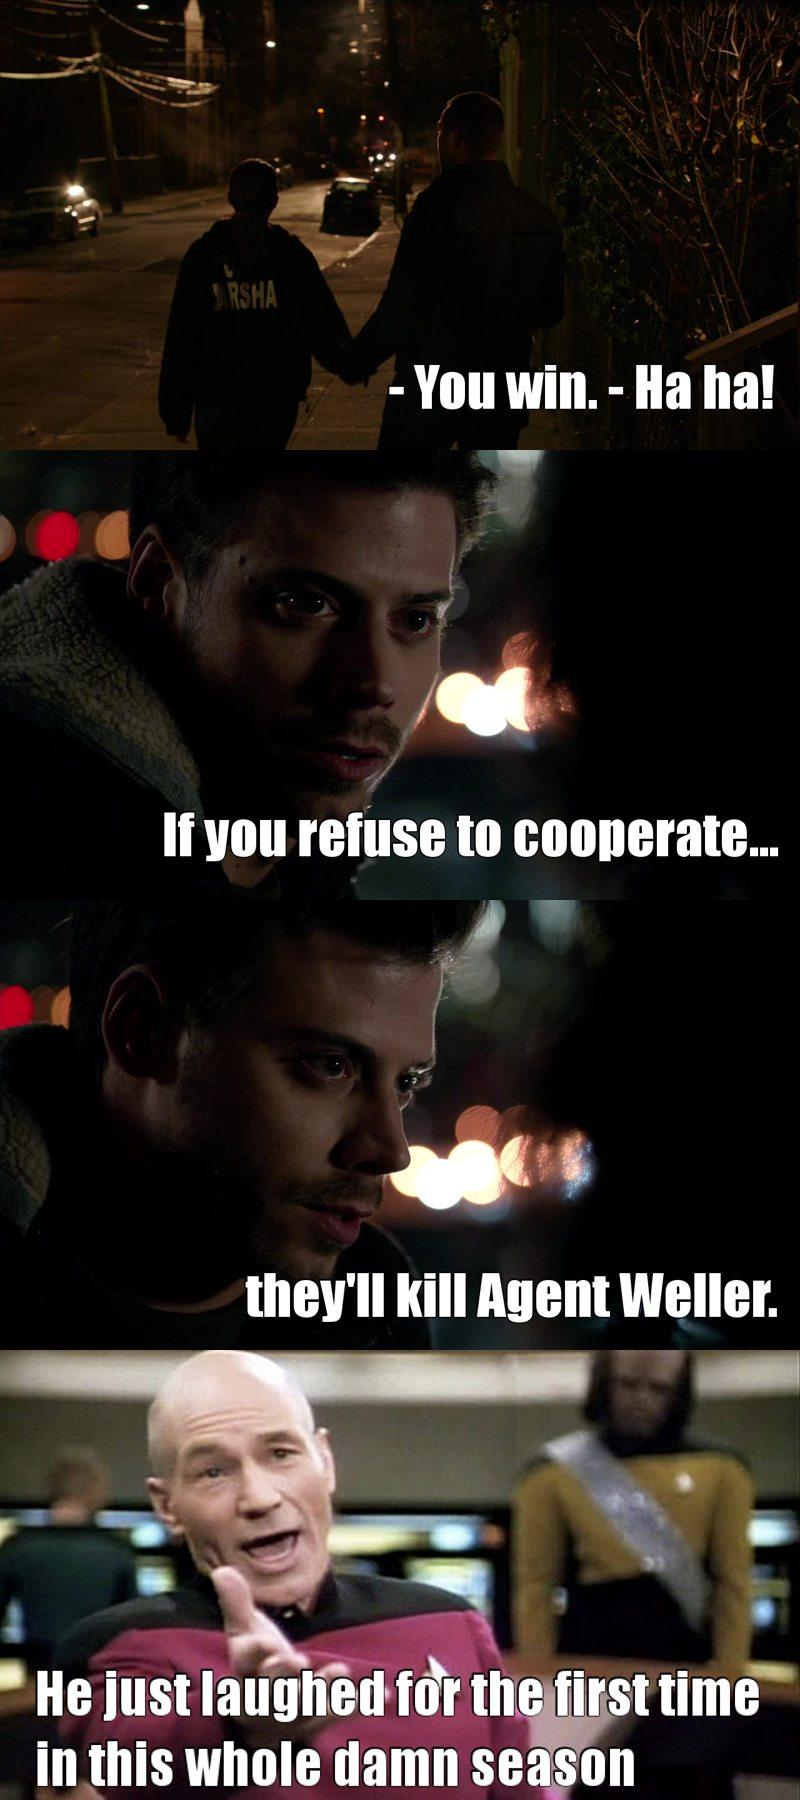 Poor Weller !